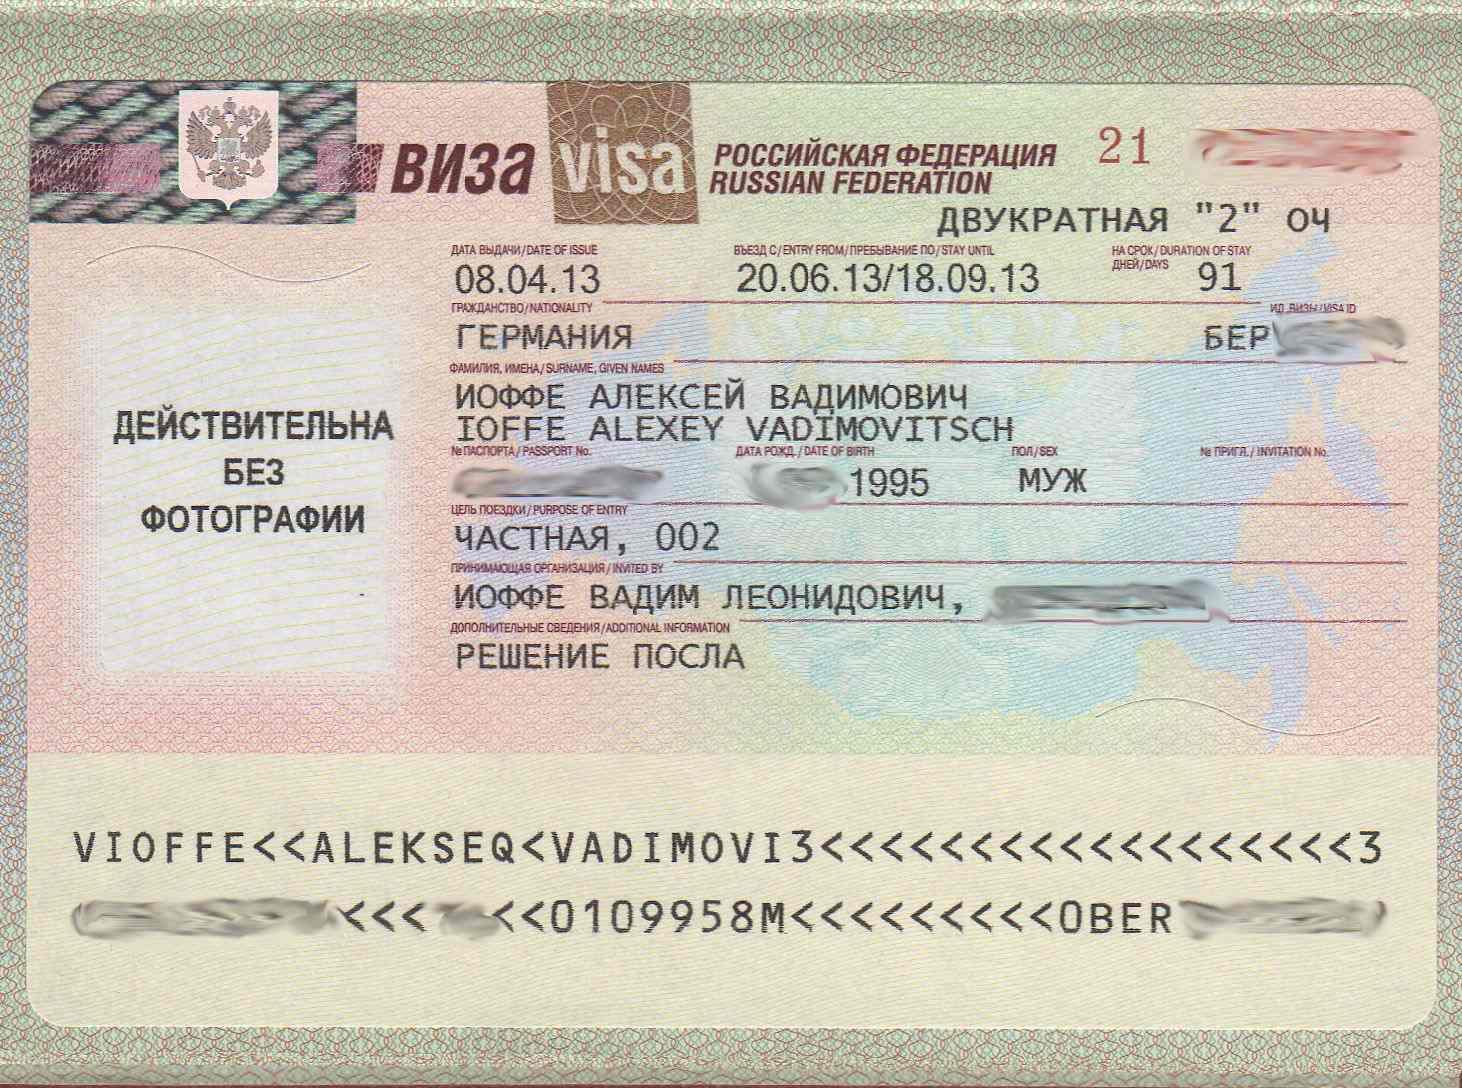 Обыкновенная частная виза в россию